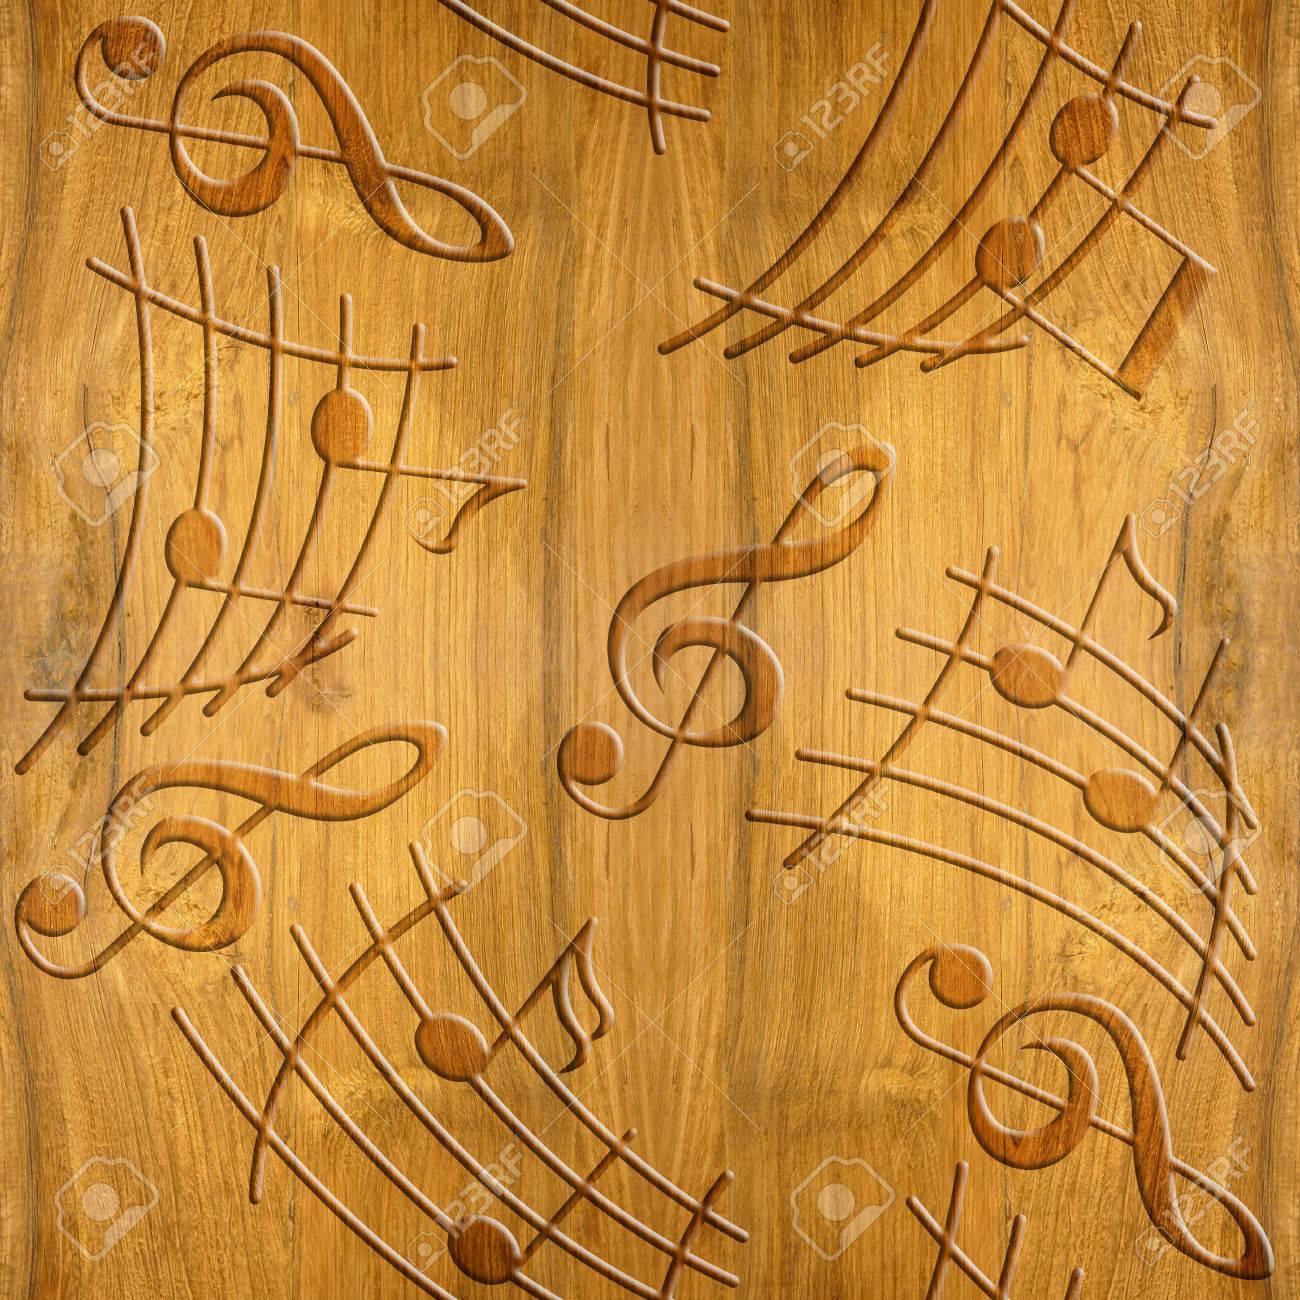 abstractos decorativos notas musicales textura de madera de cerezo de fondo sin fisuras